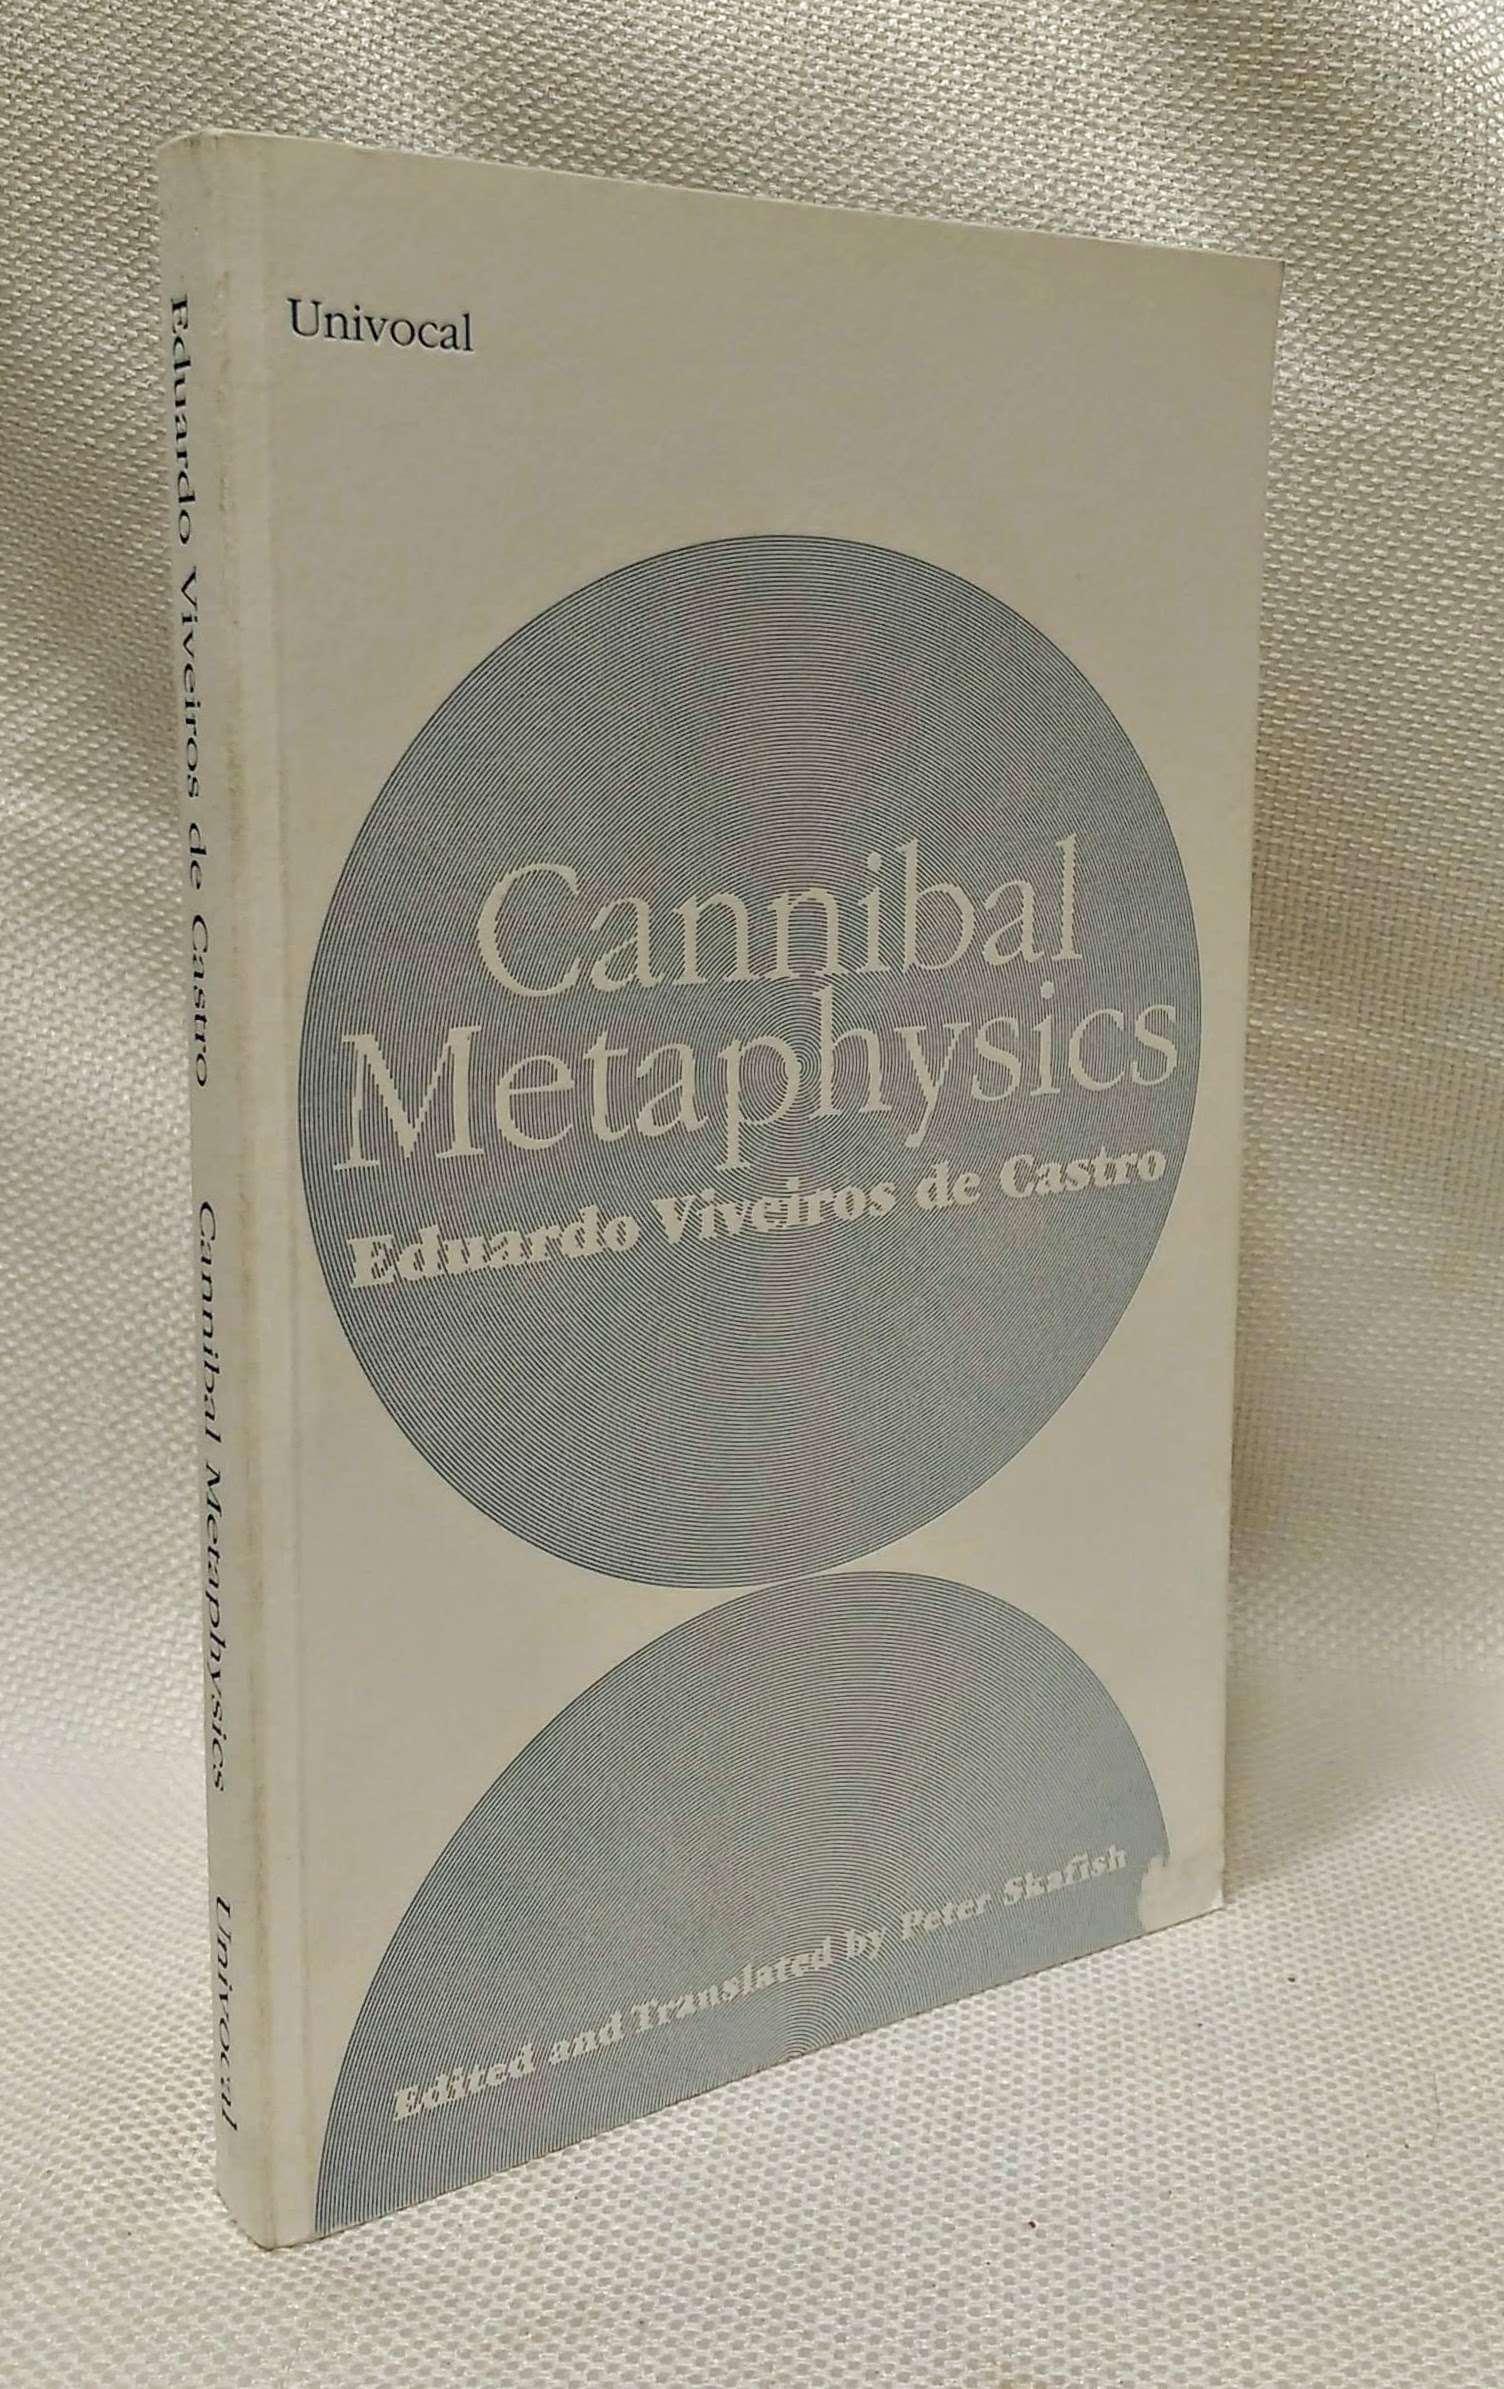 Cannibal Metaphysics (Univocal), De Castro, Eduardo Viveiros; Skafish, Peter [Editor]